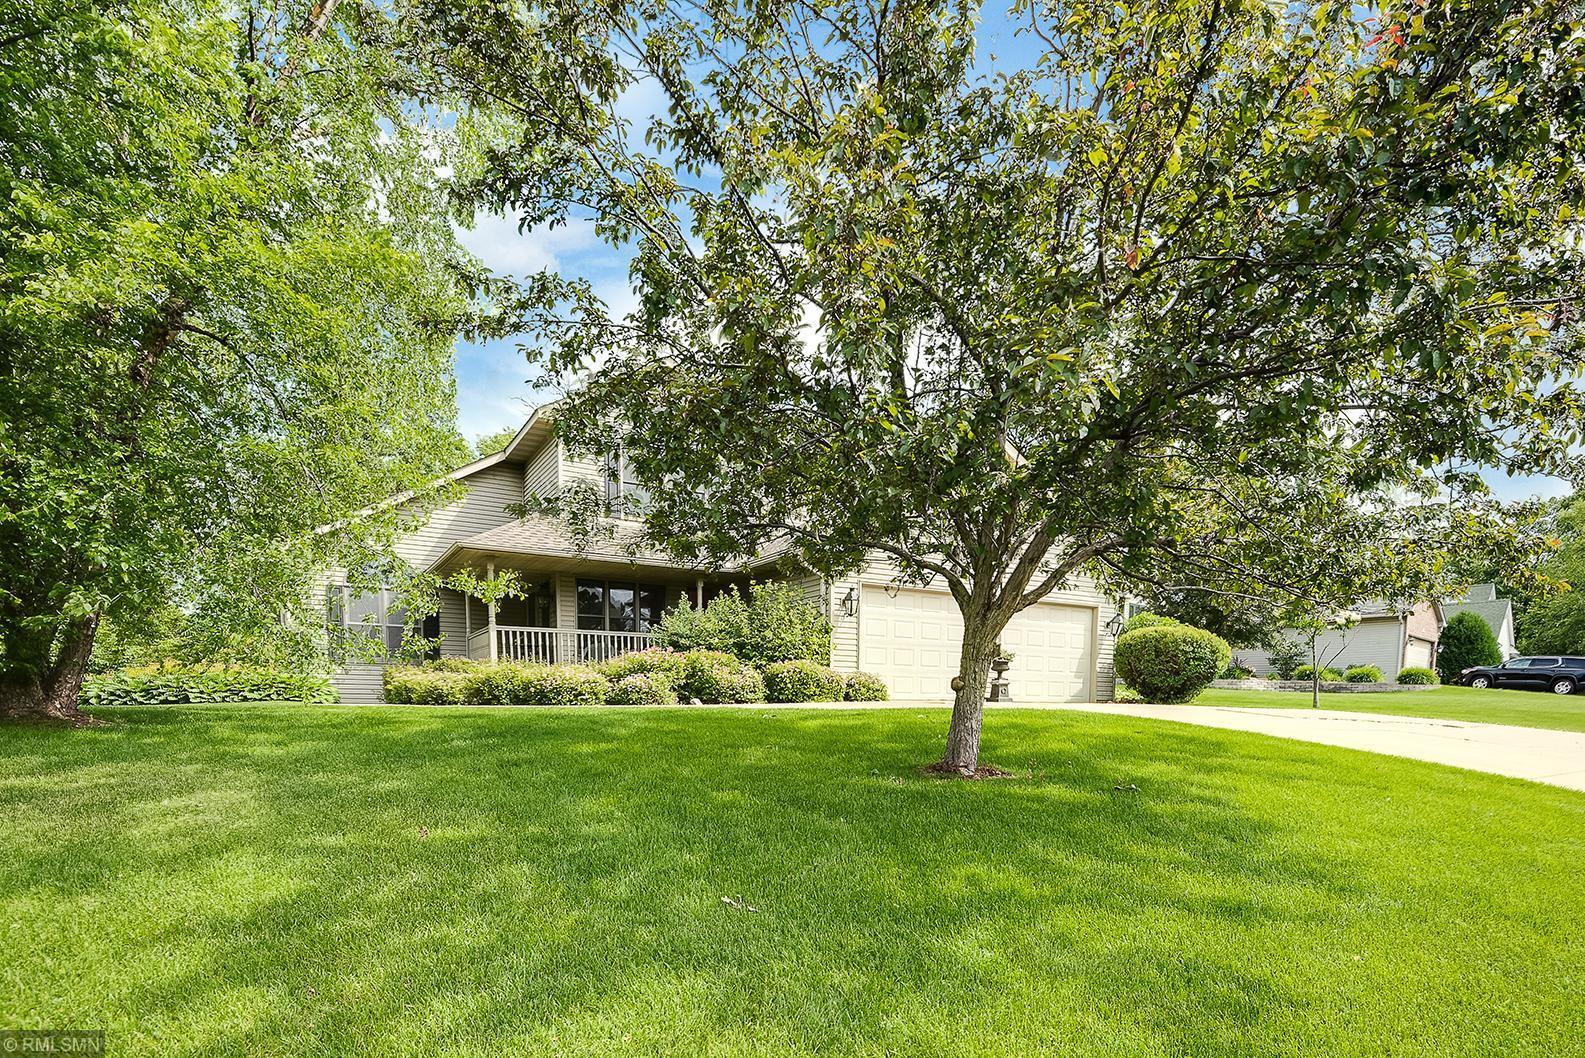 2263 Arlington Ave E Avenue E Property Photo - Maplewood, MN real estate listing